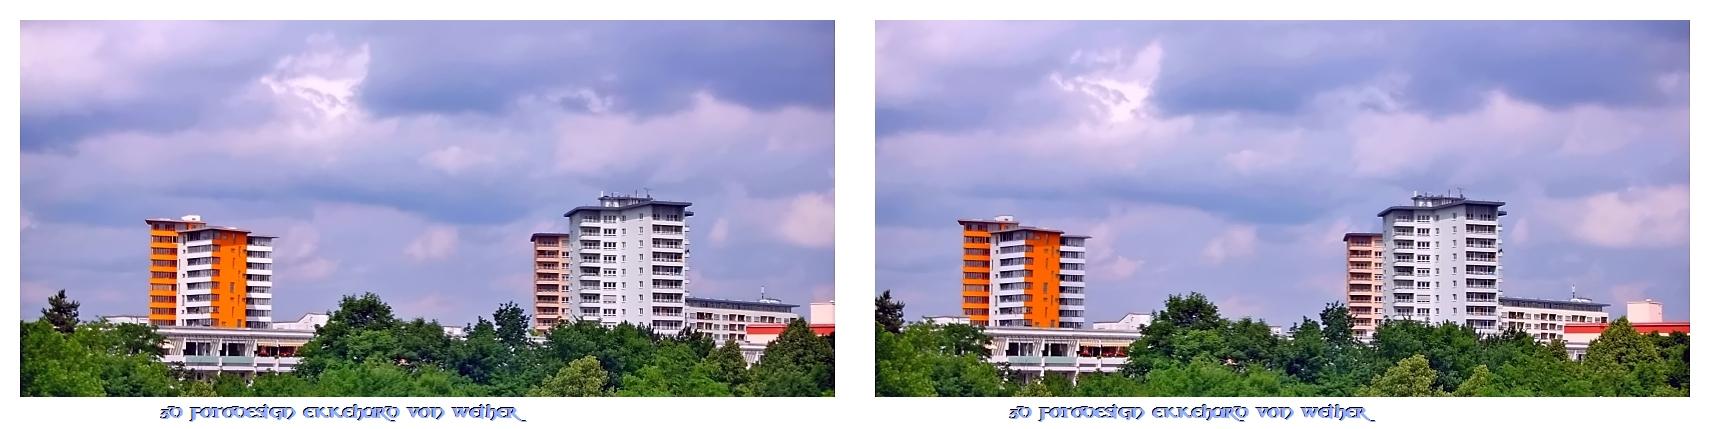 Siemens Siedlung 3D